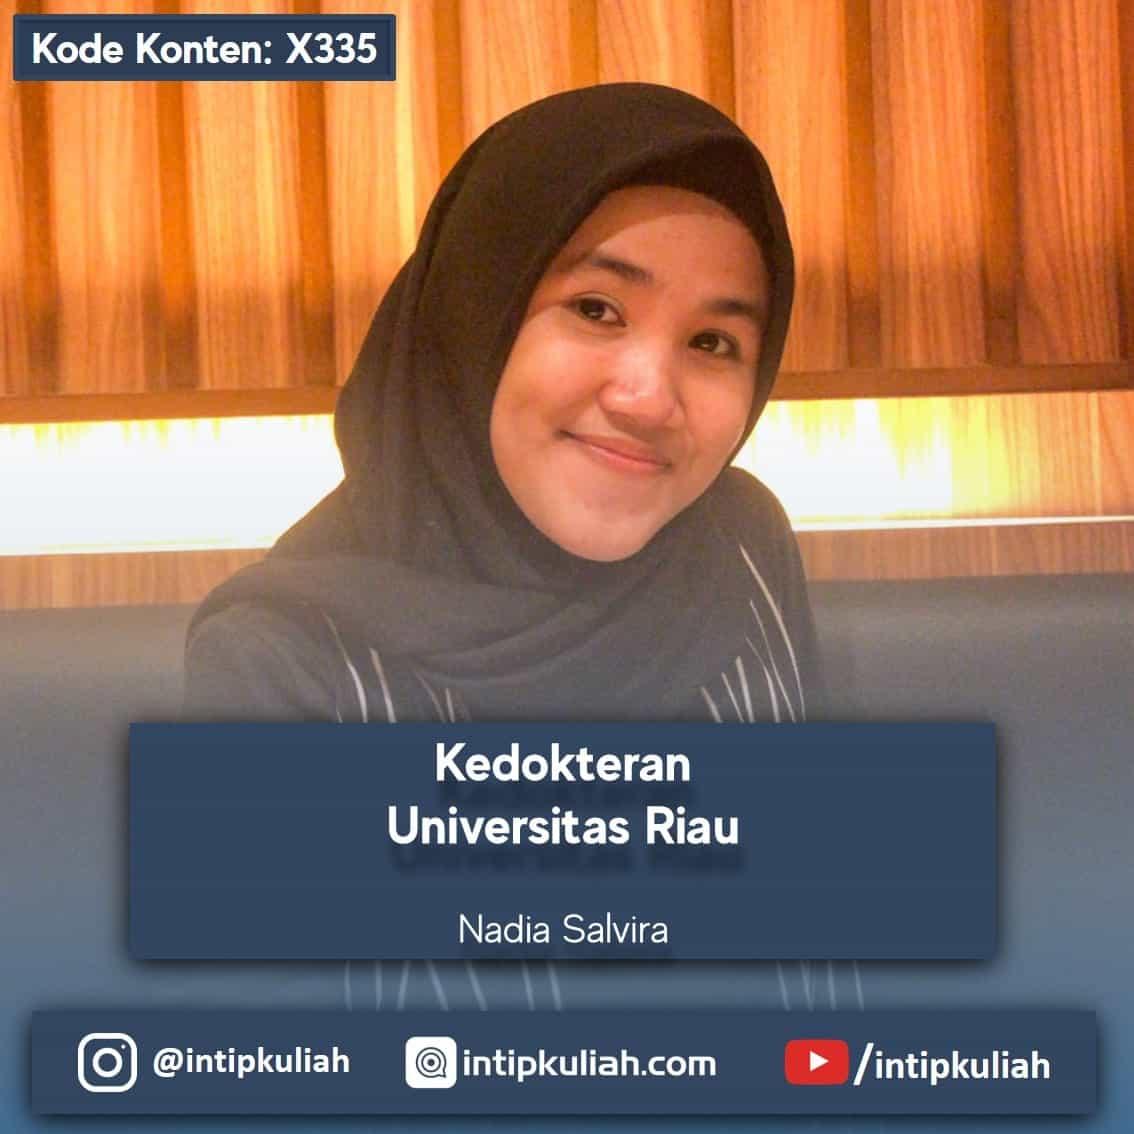 Kedokteran Universitas Riau (Nadia)